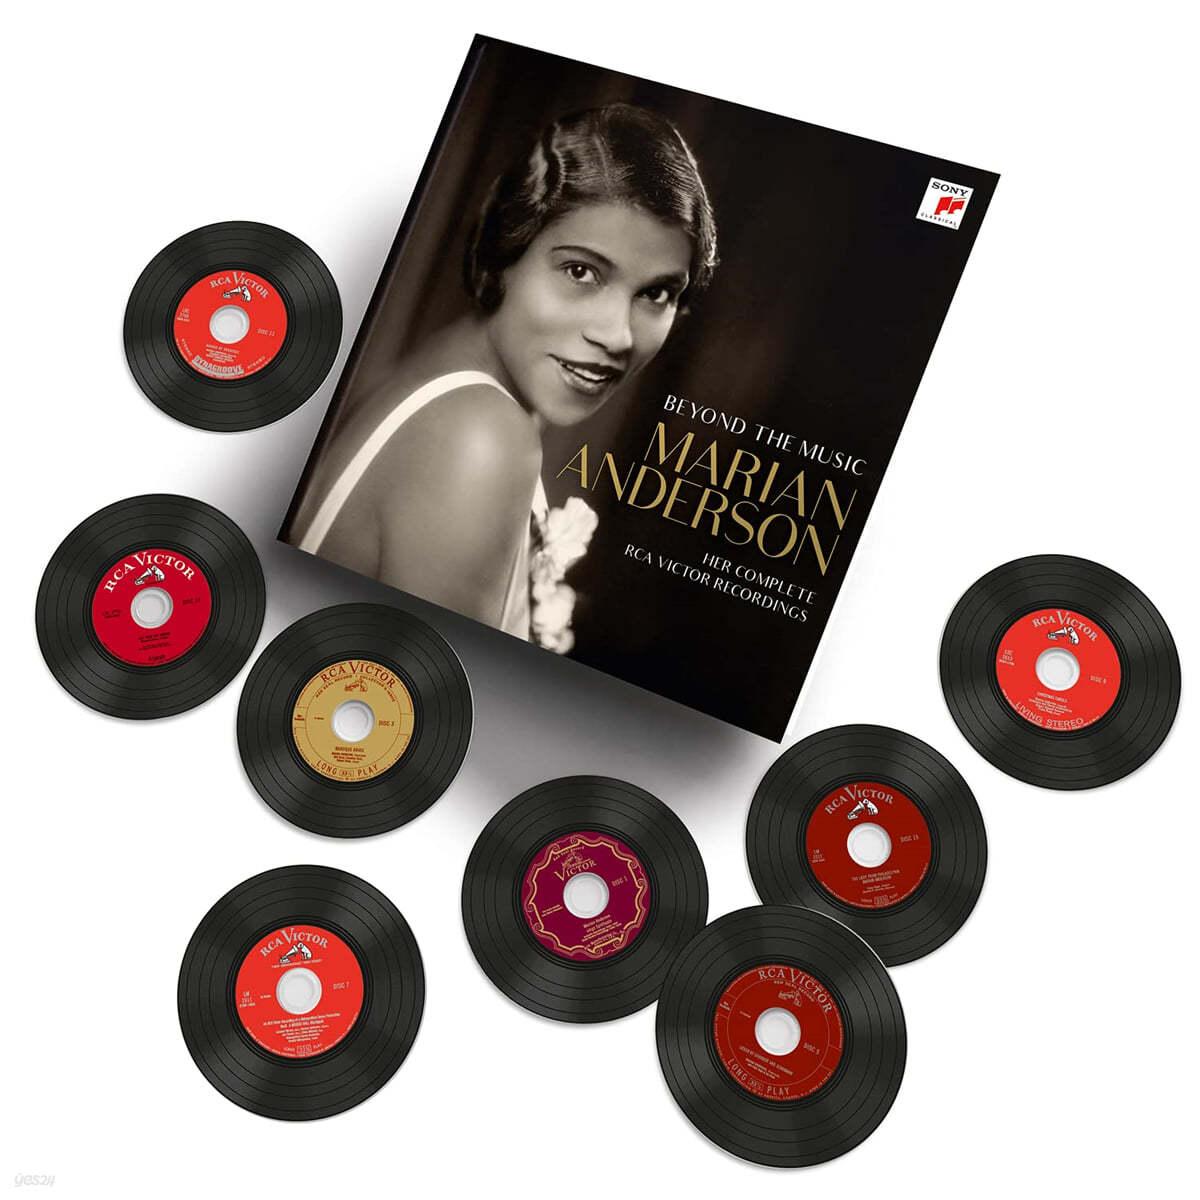 마리안 앤더슨 RCA 녹음 전집 (Marian Anderson - Beyond the Music: Her complete RCA Victor Recordings)